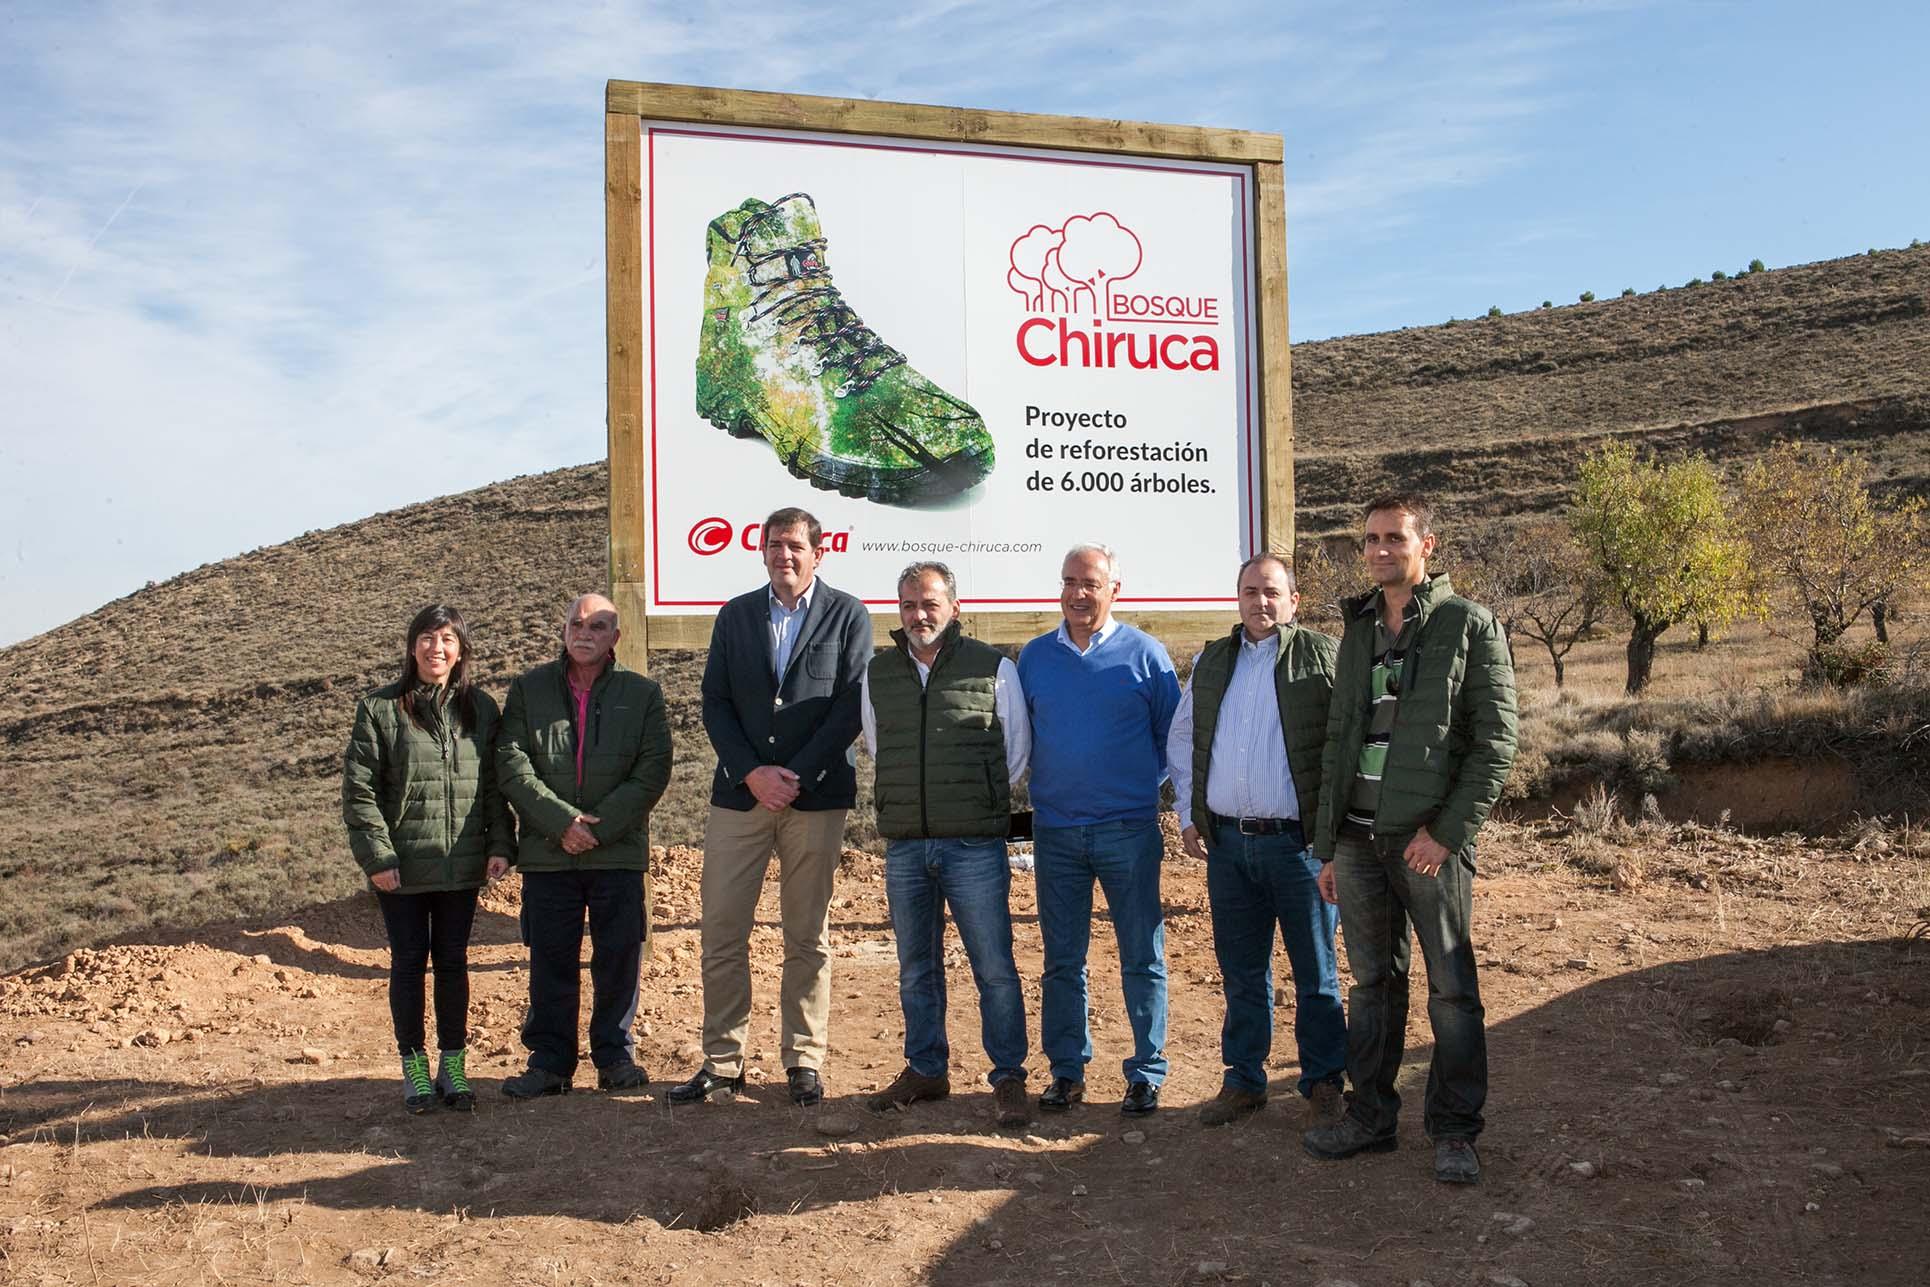 Chiruca, empresa comprometida con el medio ambiente, crea su propio bosque